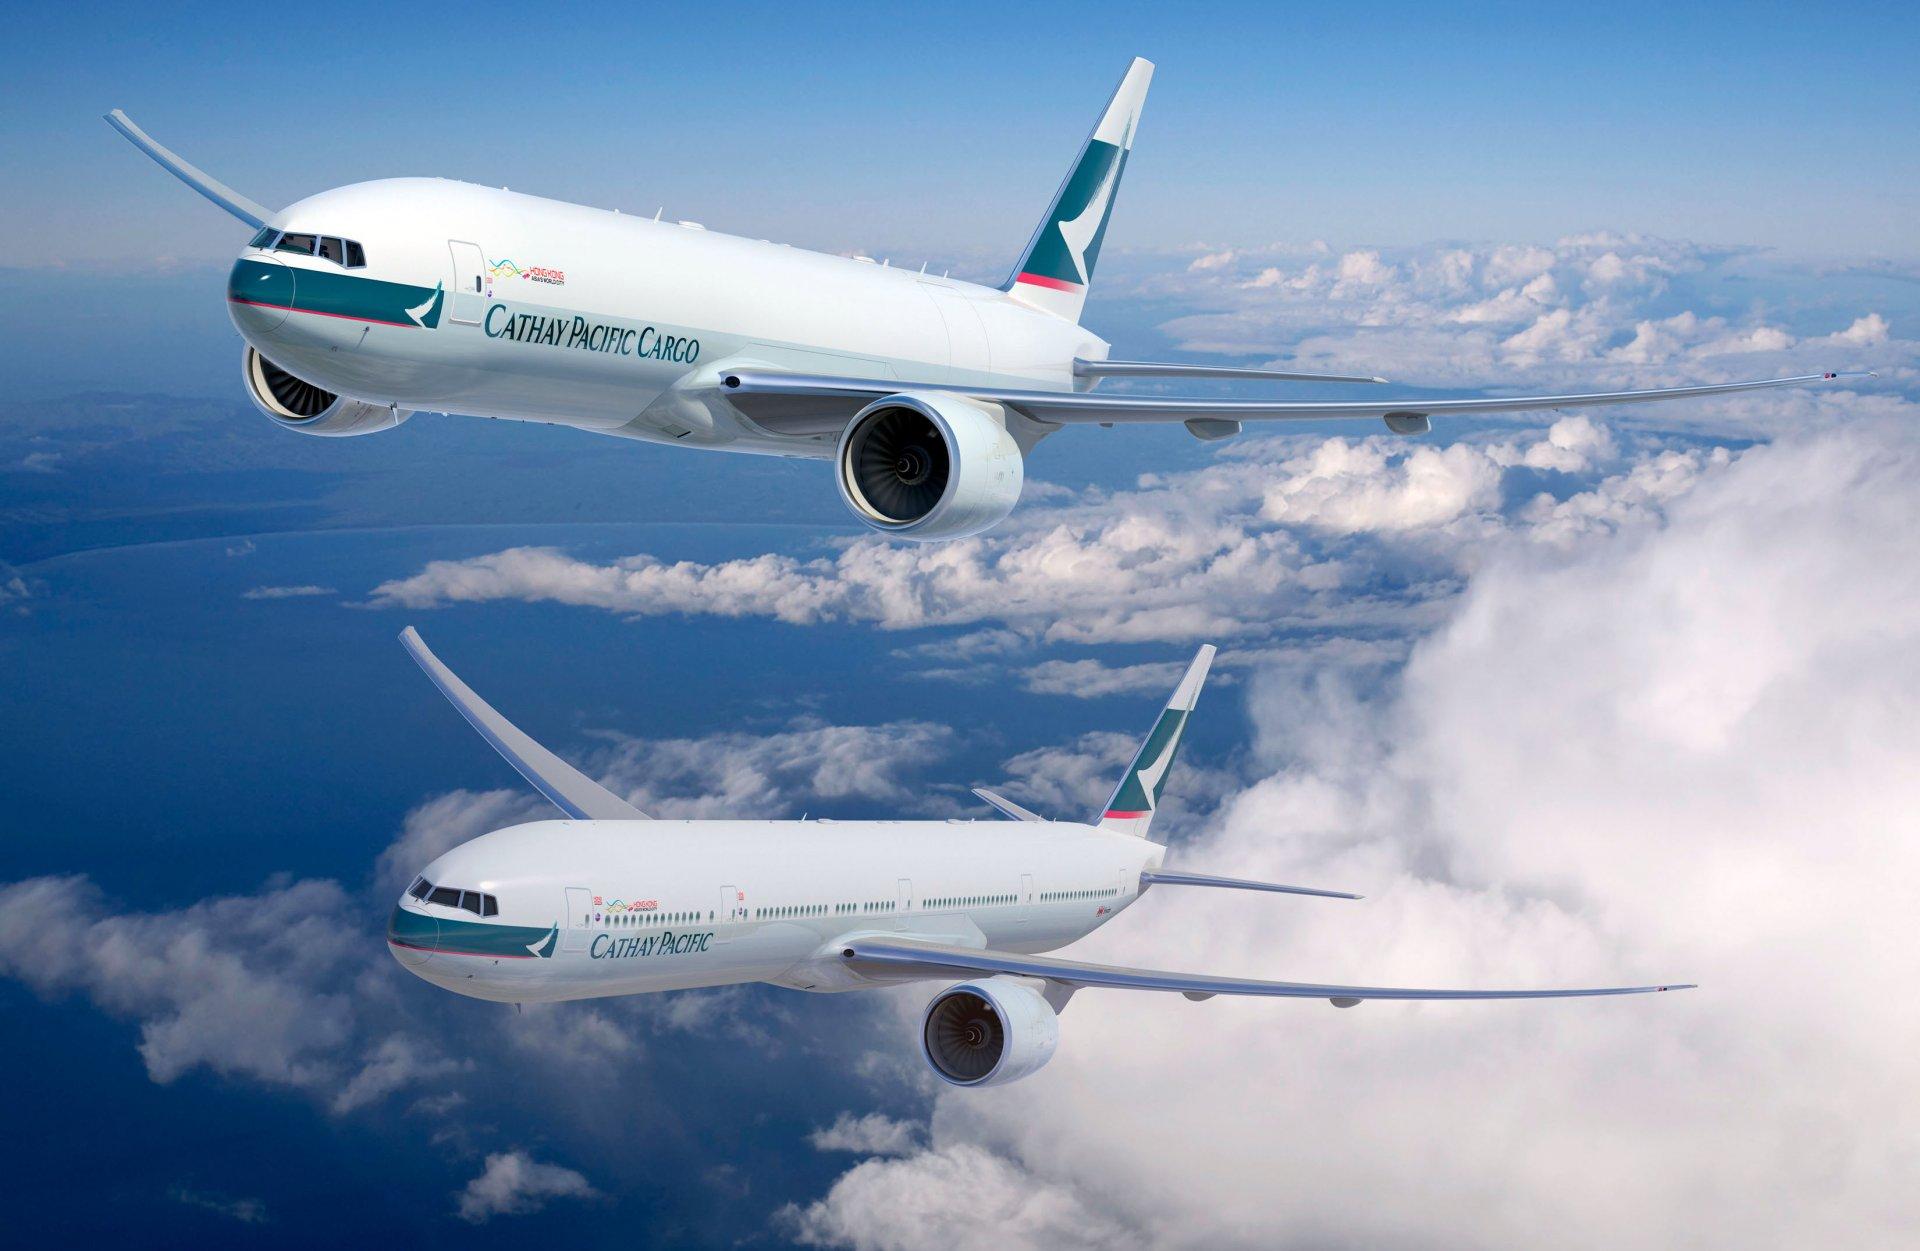 картинка как летают самолеты сизаль нем наше